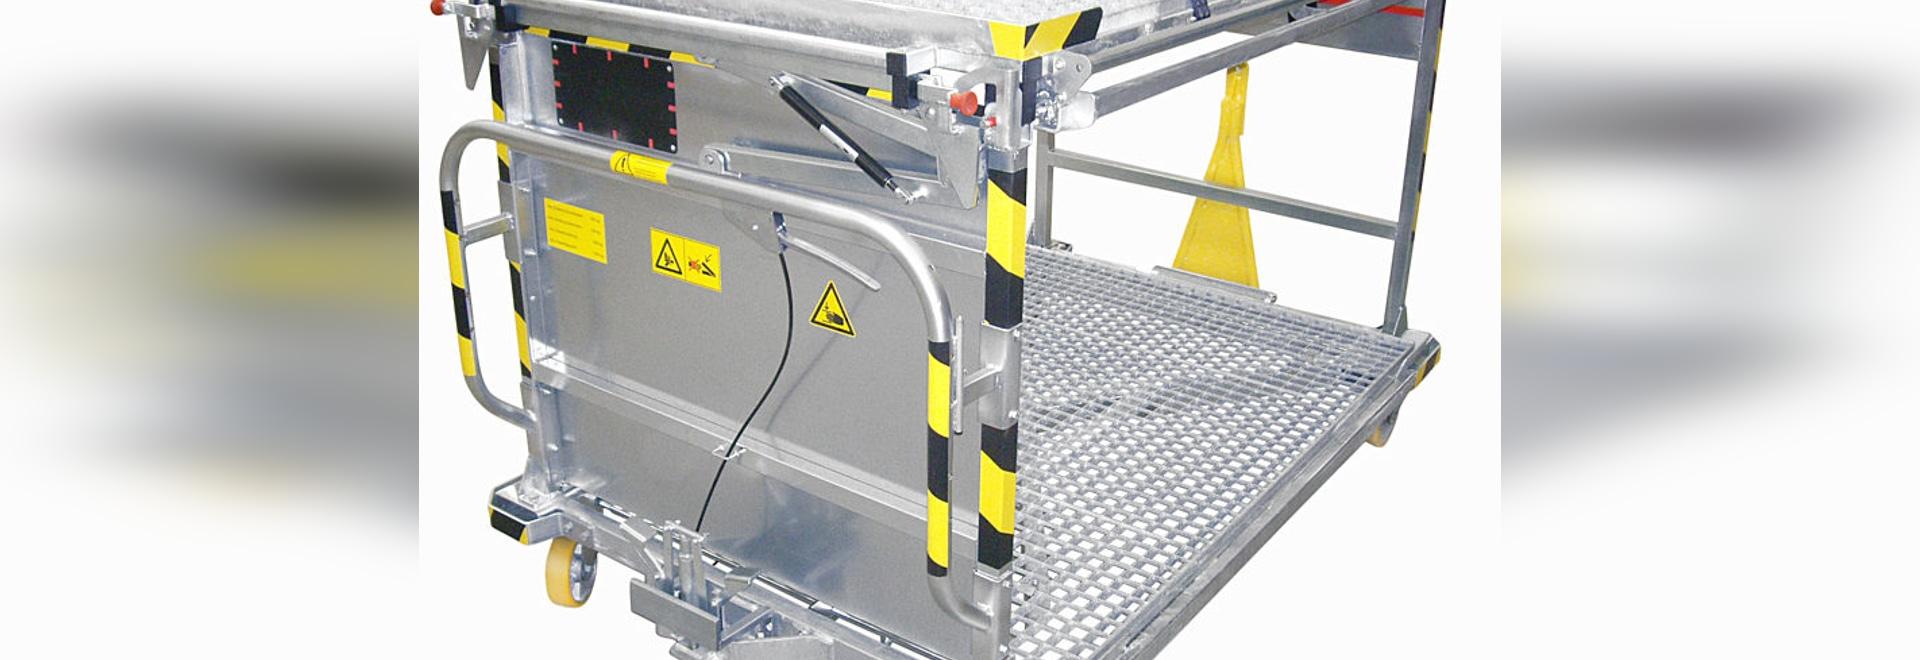 Plattformwagen mit 2 Ebenen - zu beiden Seiten schwenkbare zweite Ebene